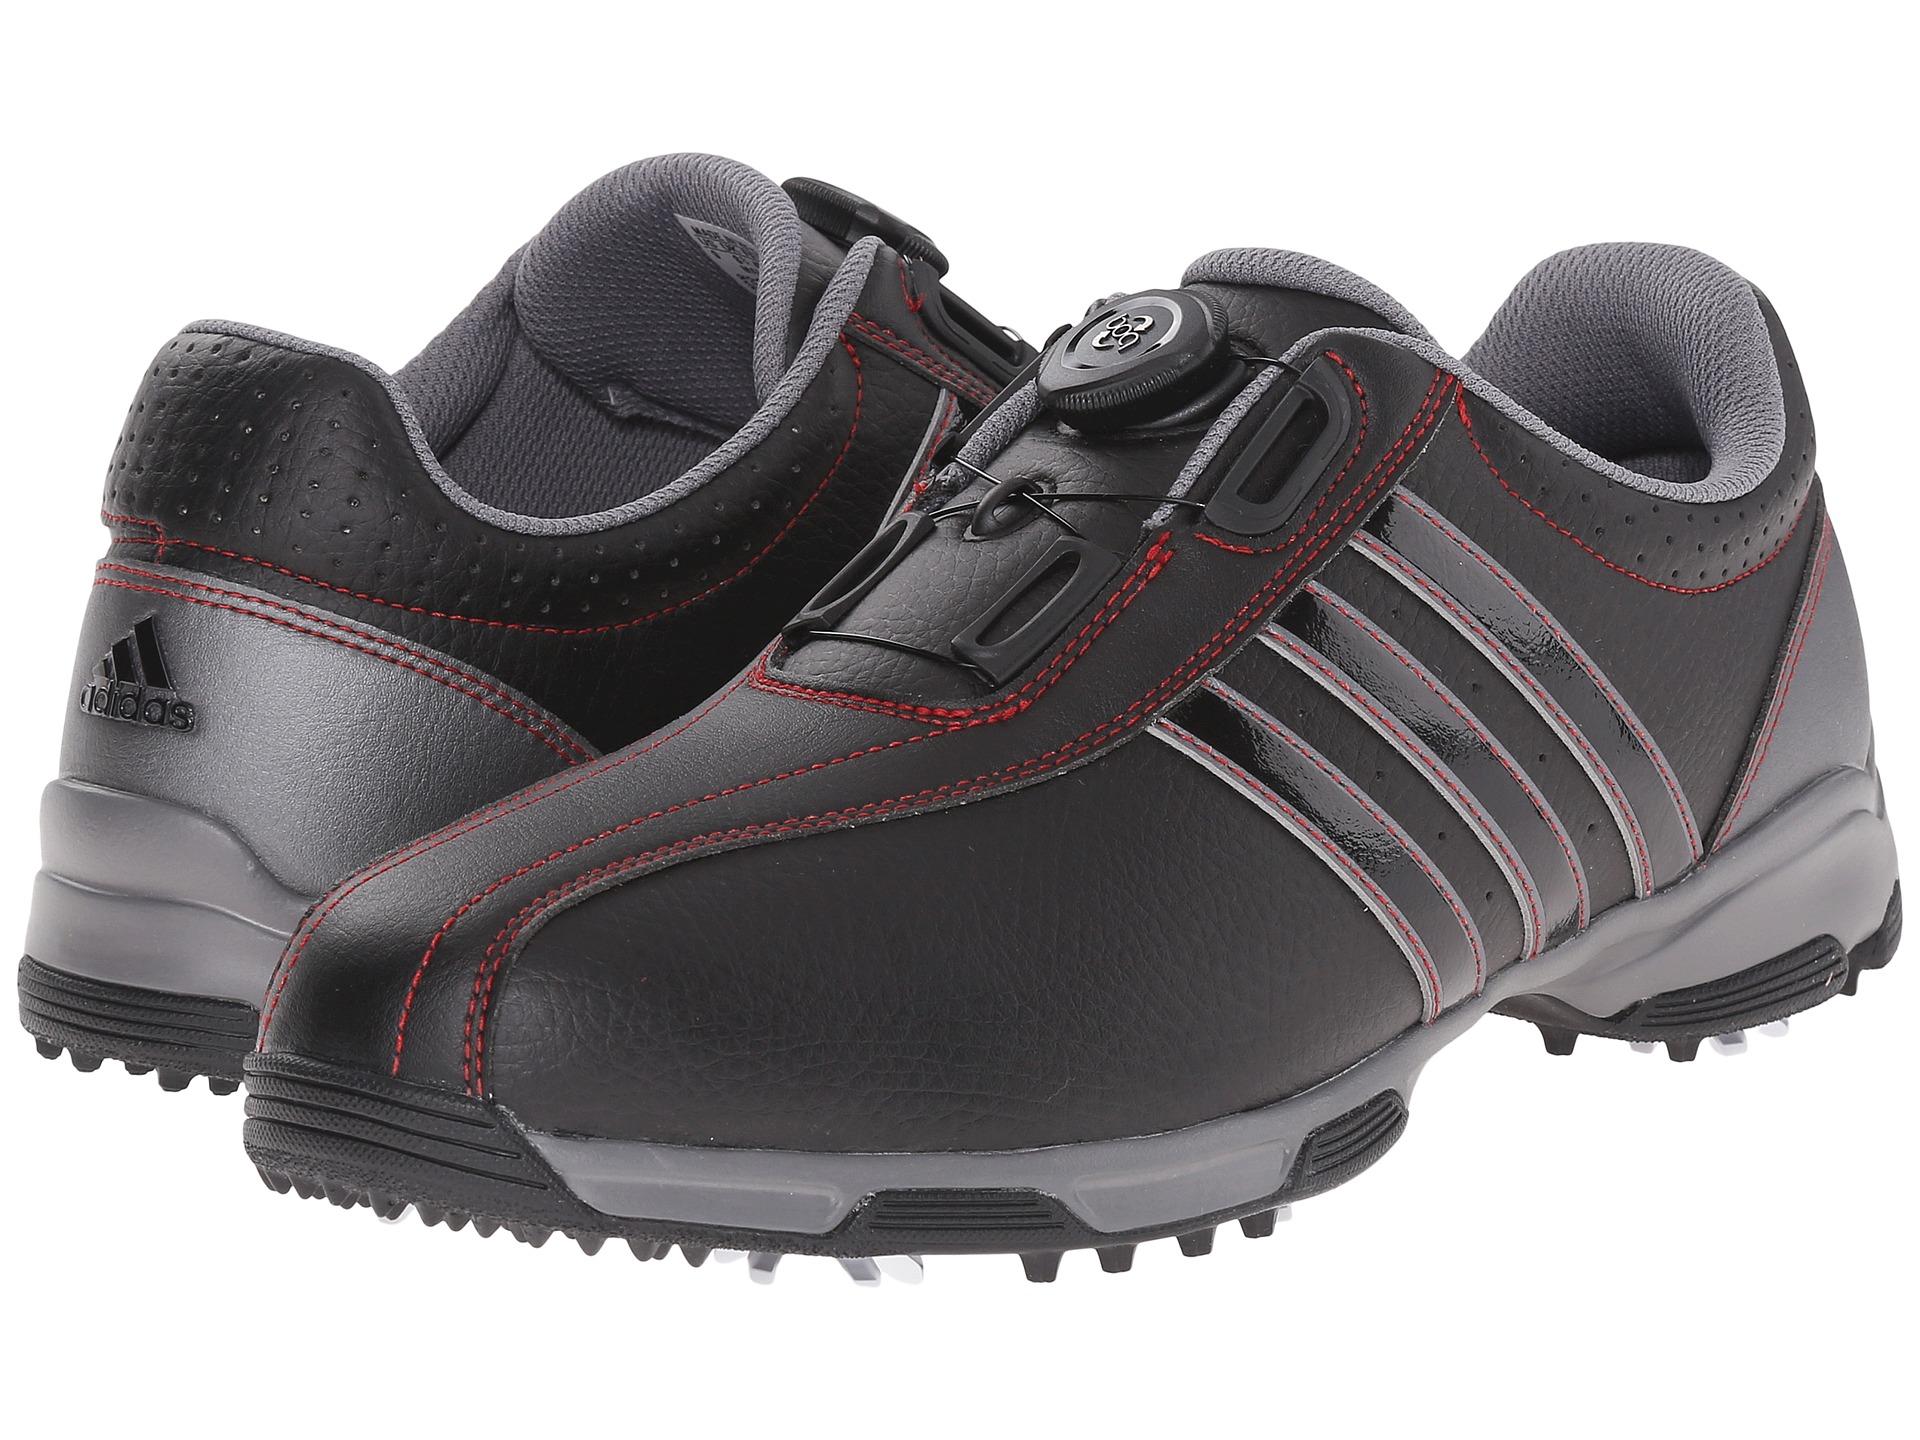 Adidas 360 Traxion Boa Cazzi Di Articoli Sportivi E Scarpe Da Golf